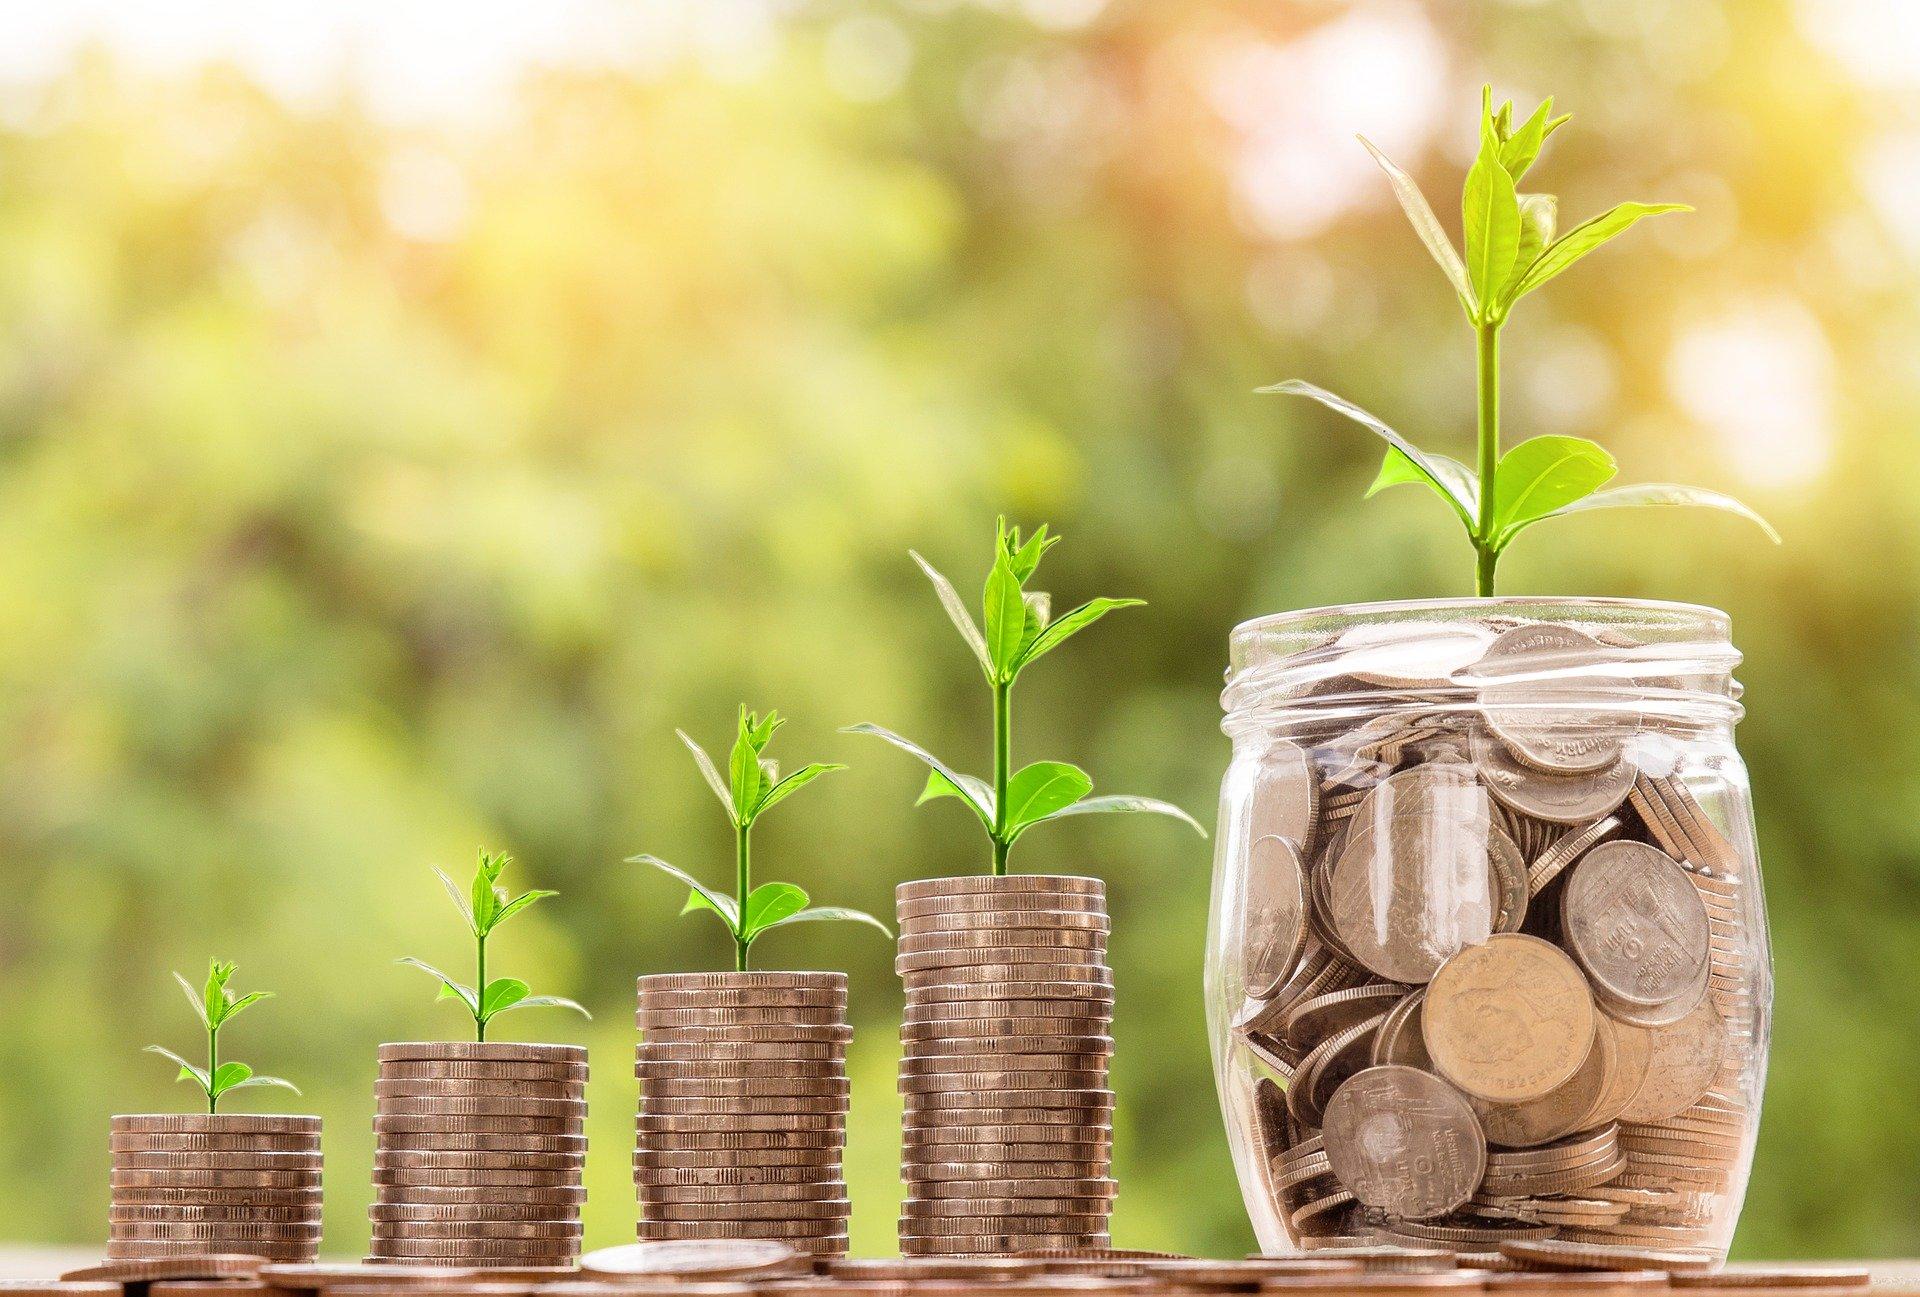 Comment_s_assurer_que_vous_dépensez_les_fonds_de_votre_entreprise_à_bon_escient